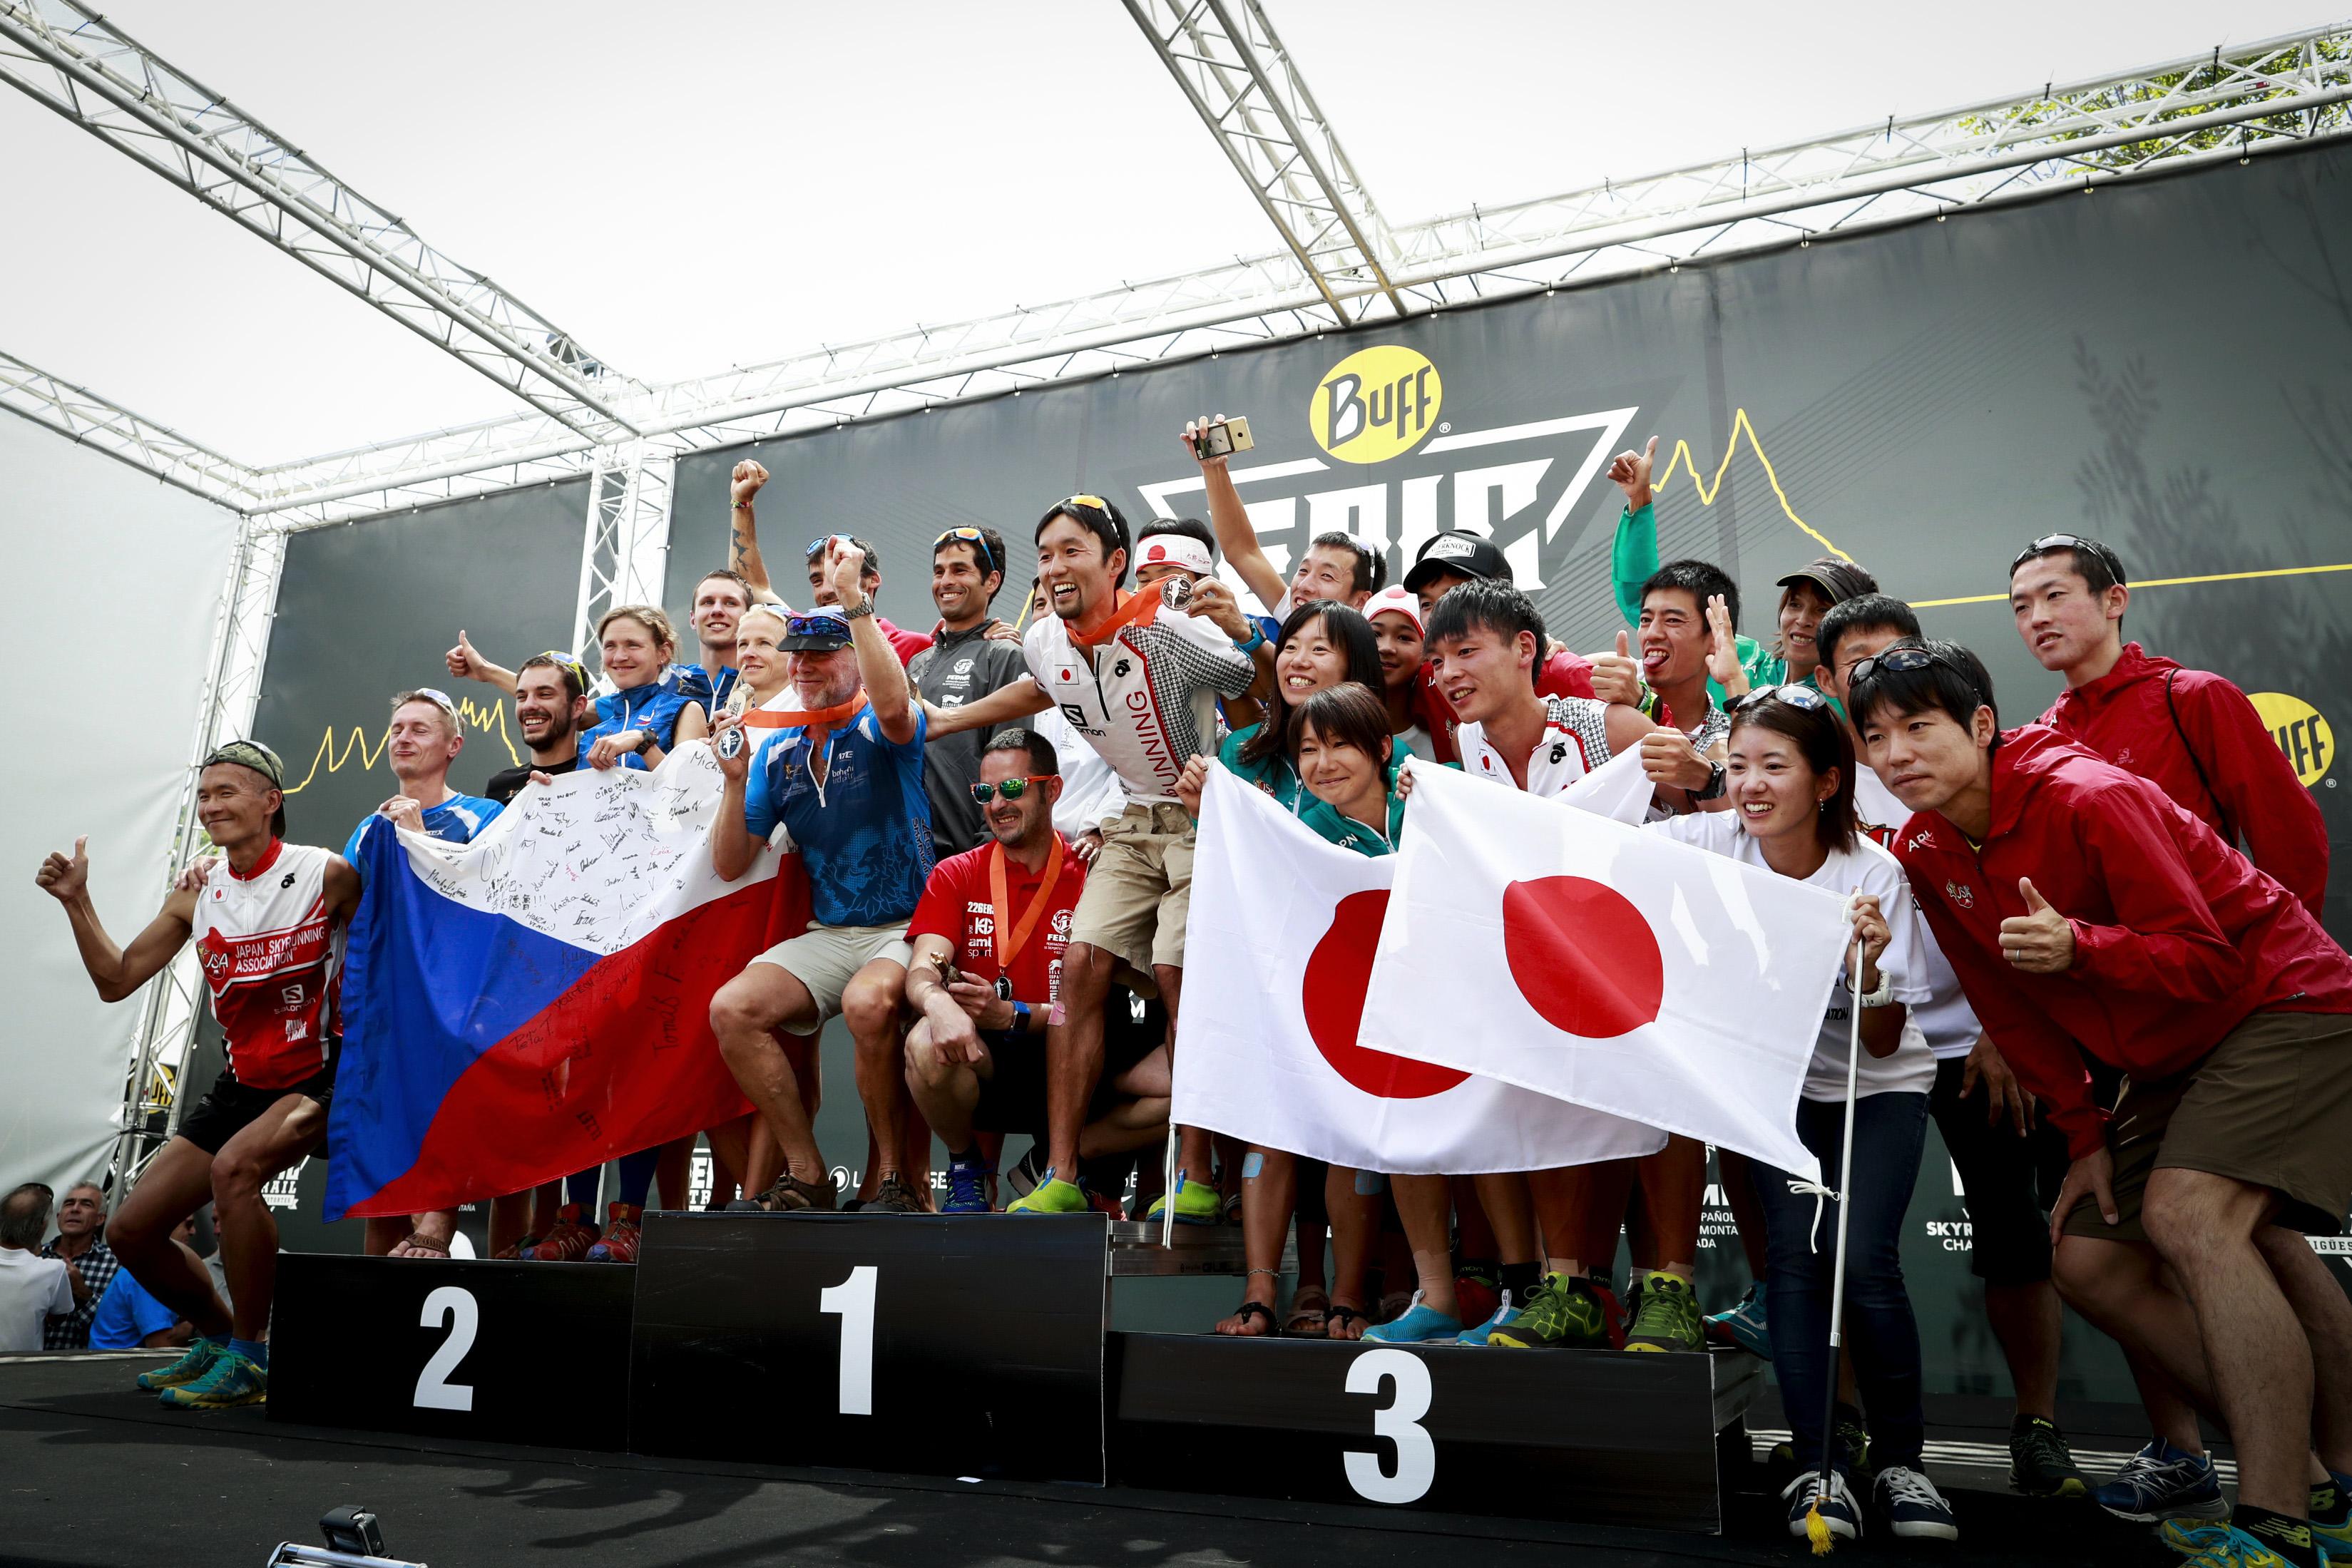 2016スペイン大会では表彰台に乗った日本チーム ?Sho Fujimaki